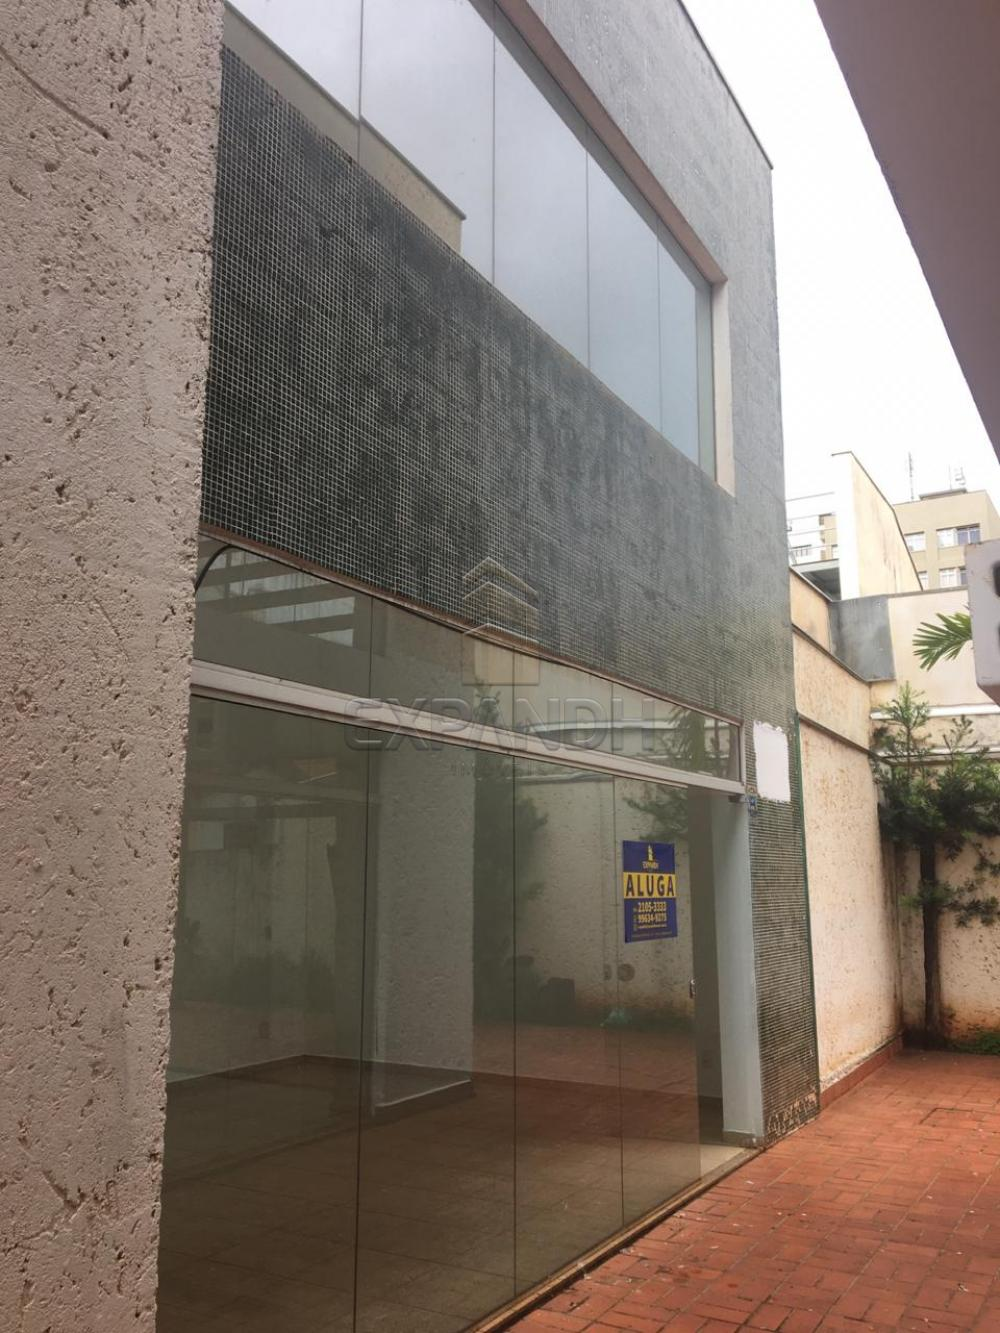 Alugar Comerciais / Sala em Sertãozinho apenas R$ 1.500,00 - Foto 1